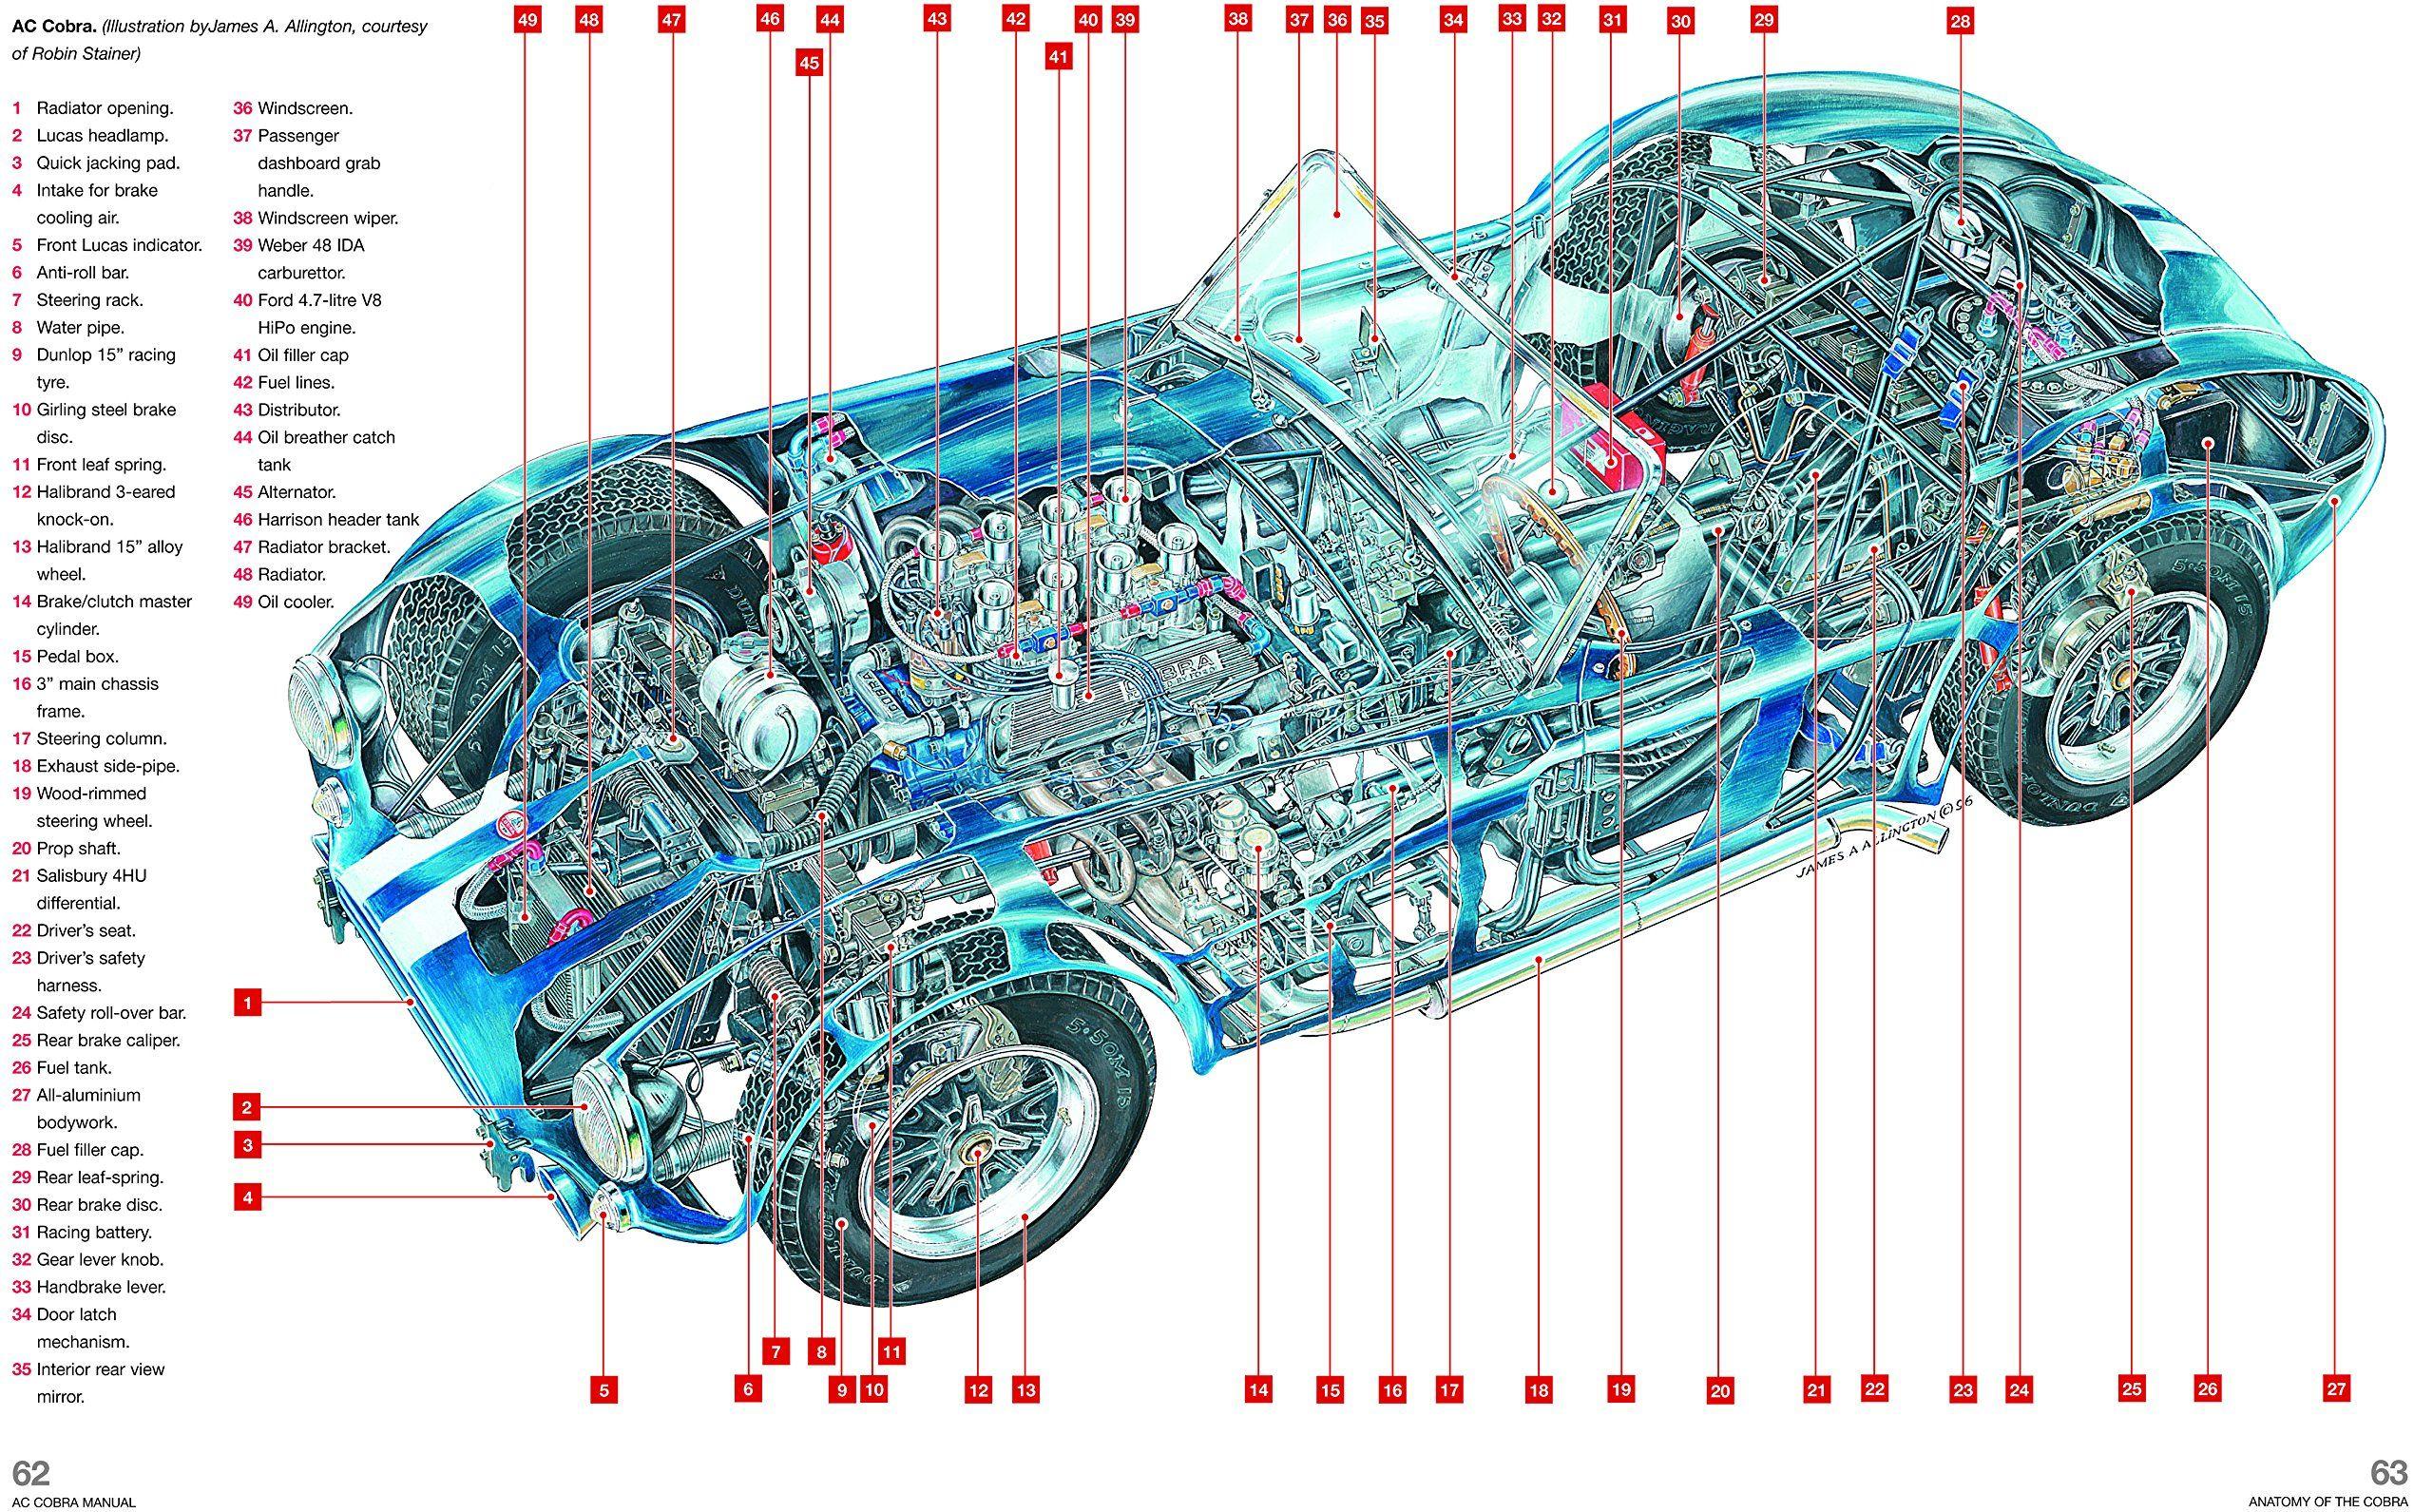 image result for ac cobra dimensions shelby pinterest ac cobra rh pinterest com AC Motor Diagram AC Motor Diagram